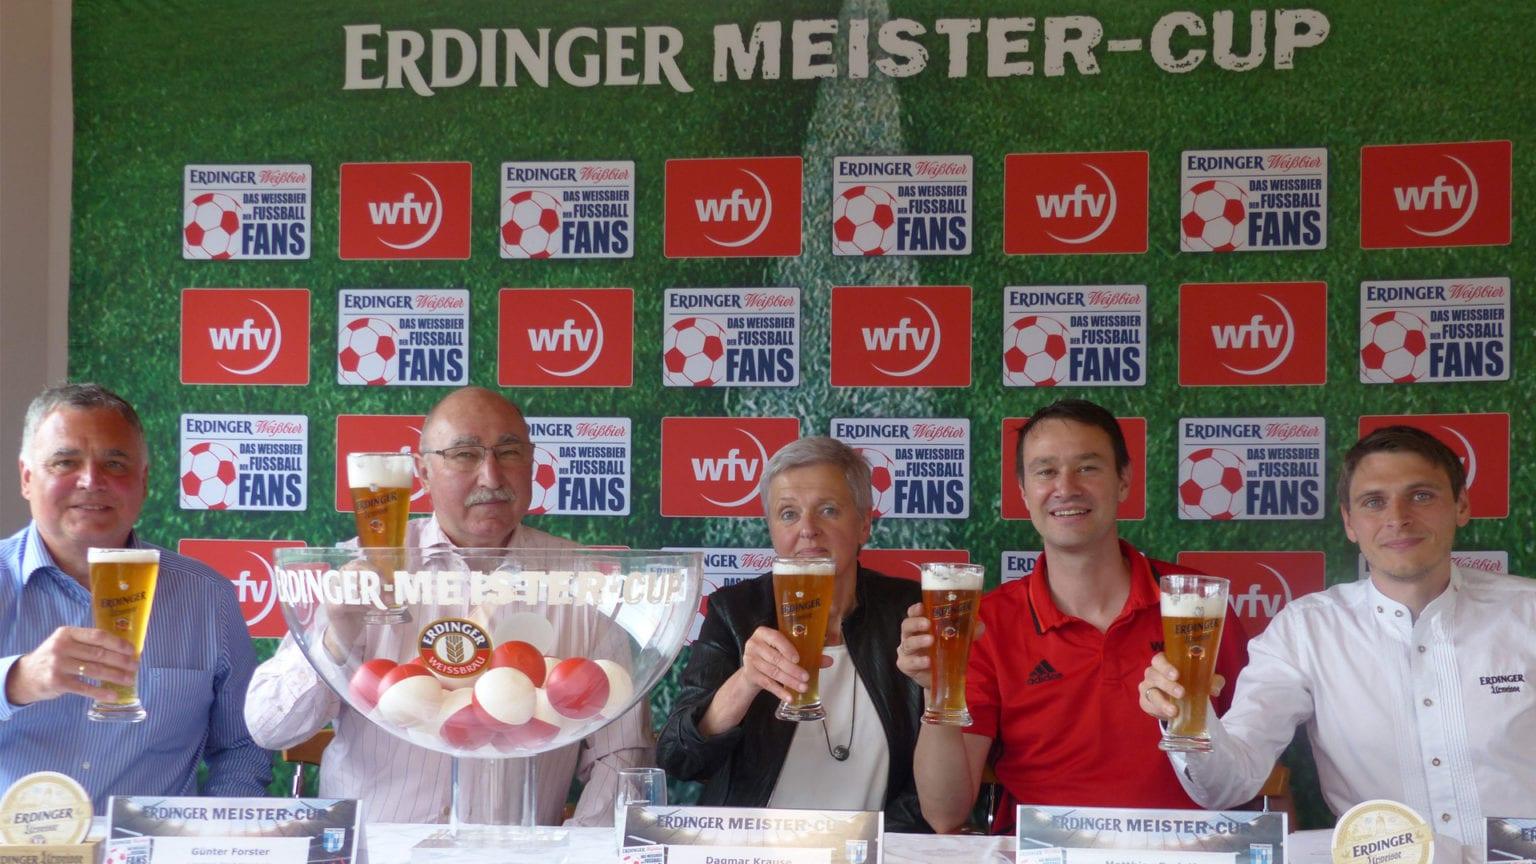 ERDINGER Meister-Cup 2019_Pressekonferenz beim Betzingen